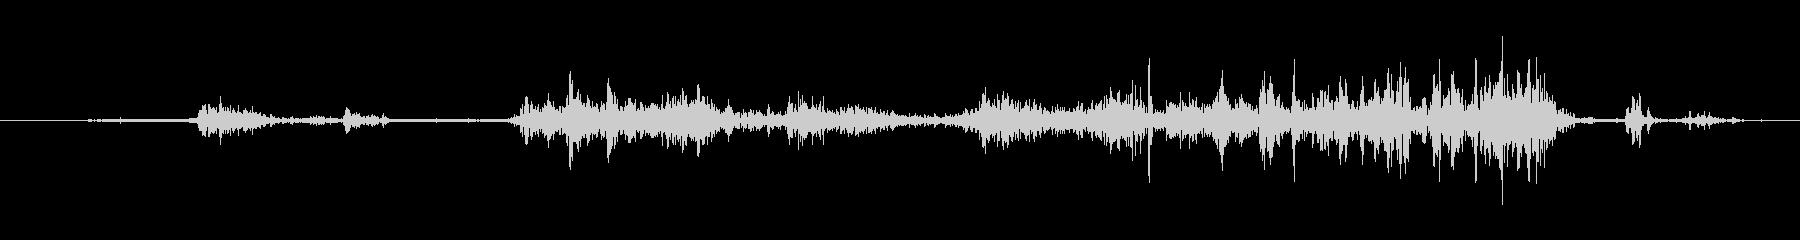 ゴミ スイープロックス02の未再生の波形